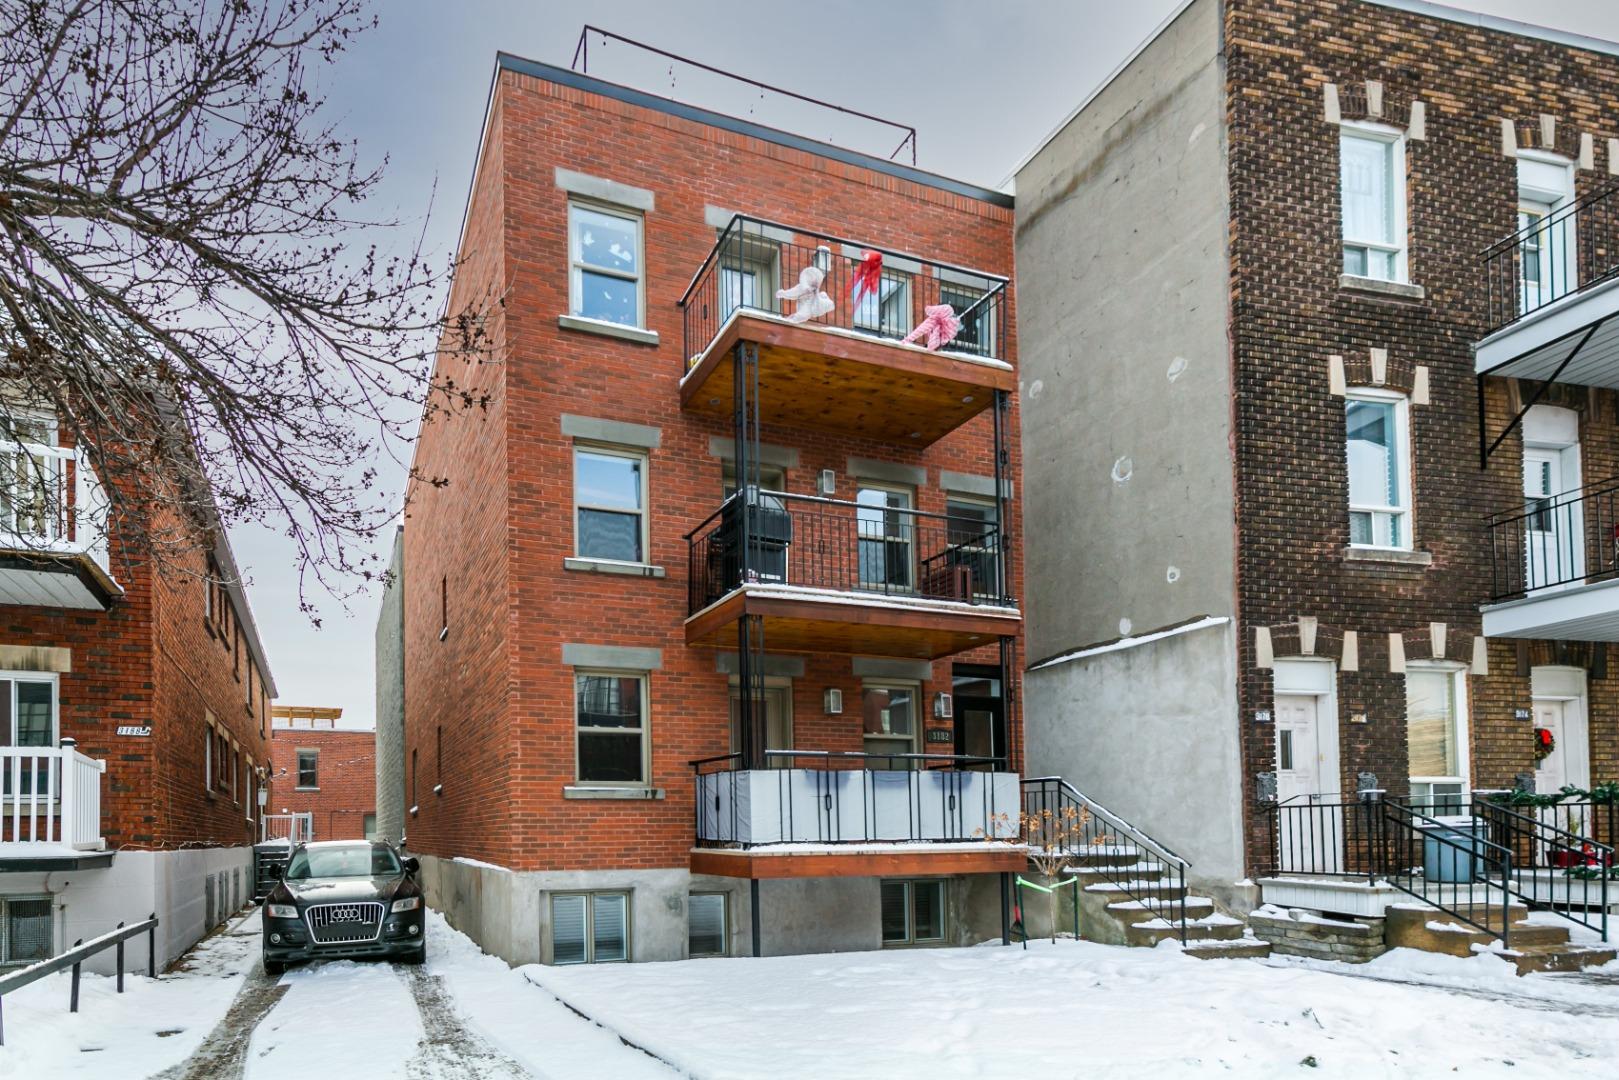 Condo_à_vendre_Rosemont_3182_Rosemont_#1_Montréal-_steve_rouleau_-_AL-3.jpg